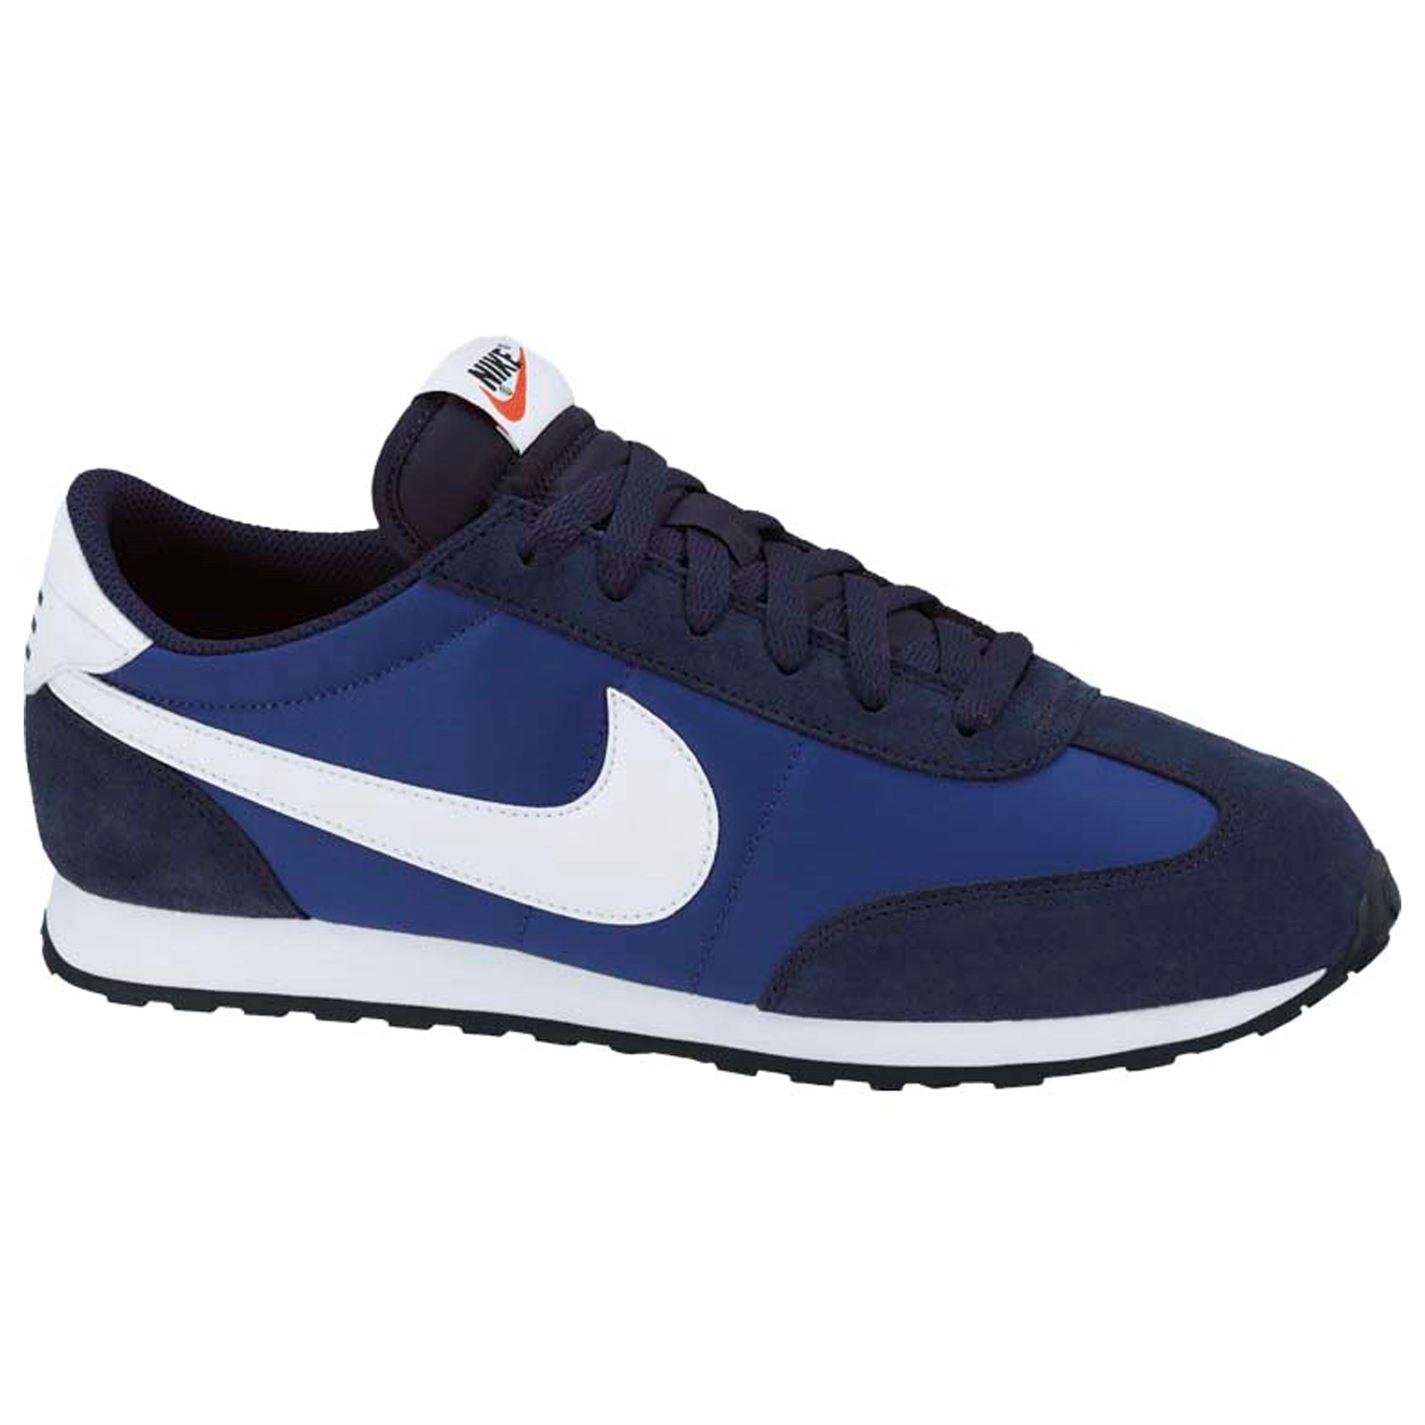 Nike Mach Runner pánske tenisky